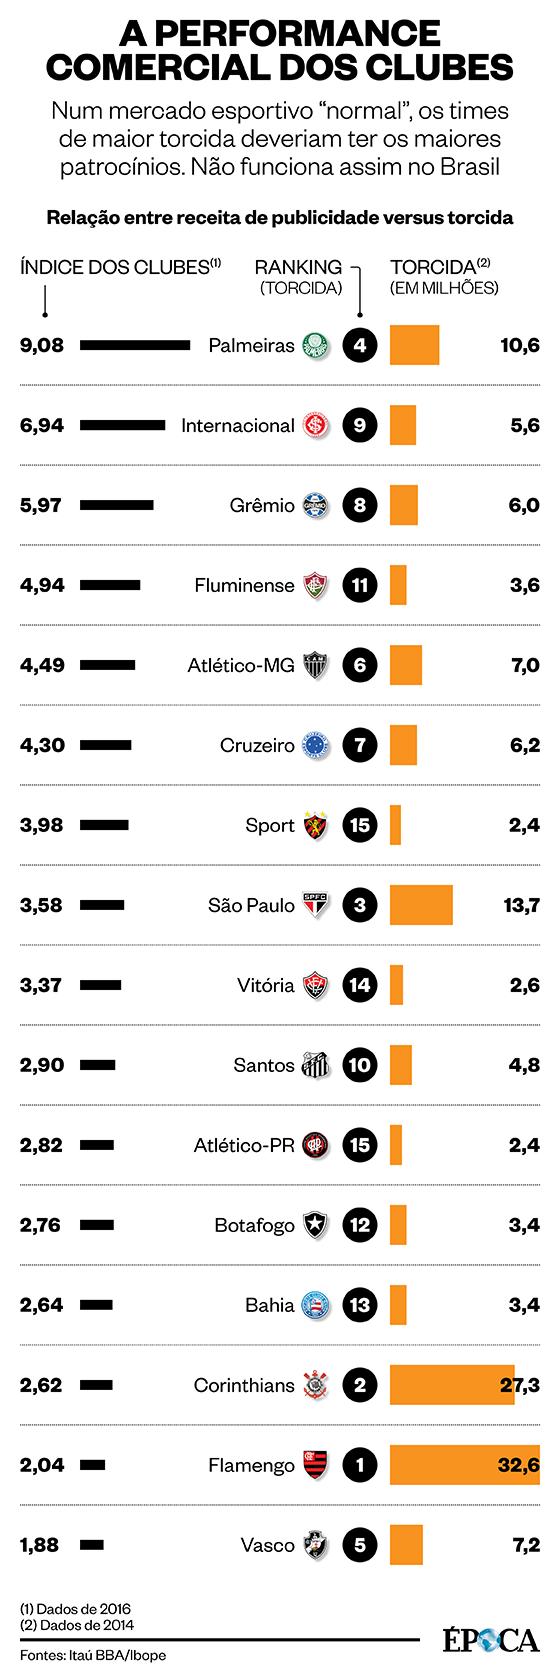 A performance comercial dos clubes brasileiros (Foto: ÉPOCA)